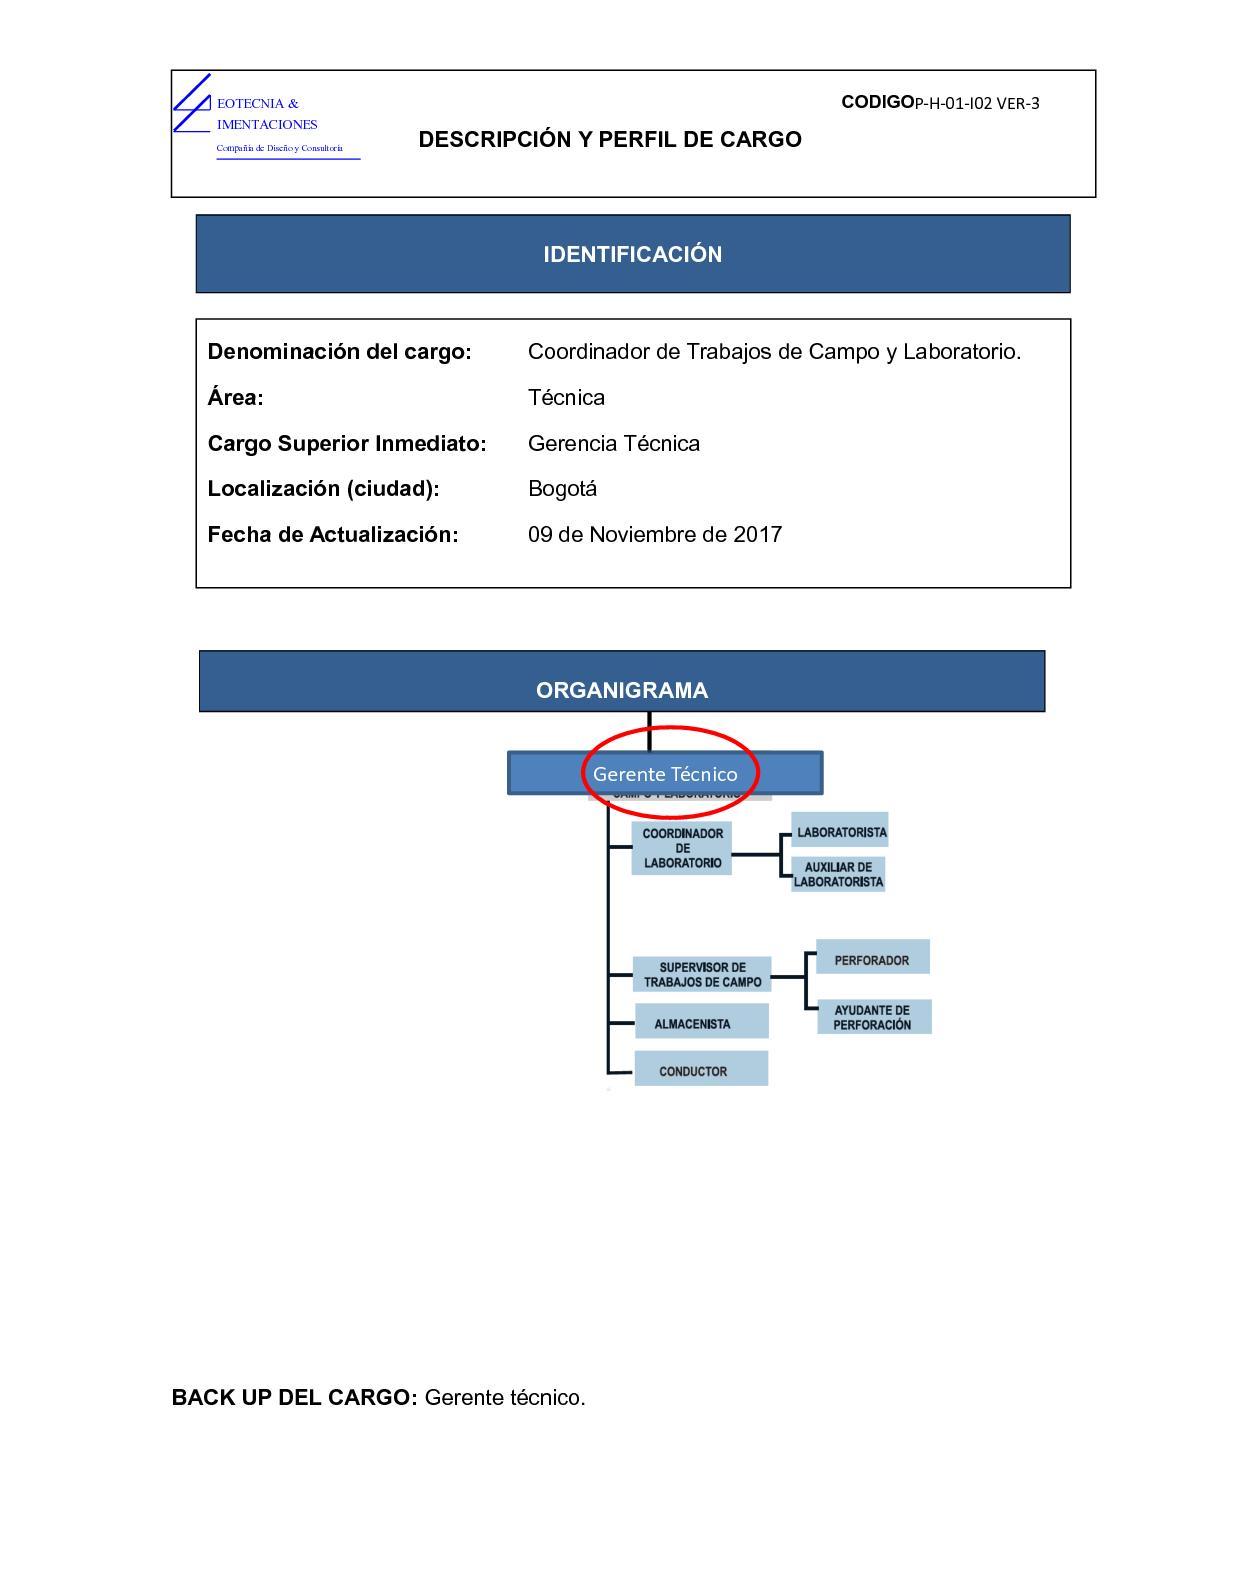 Calaméo - Descripción De Cargo Coordinador De Trabajos De Campo Y ...